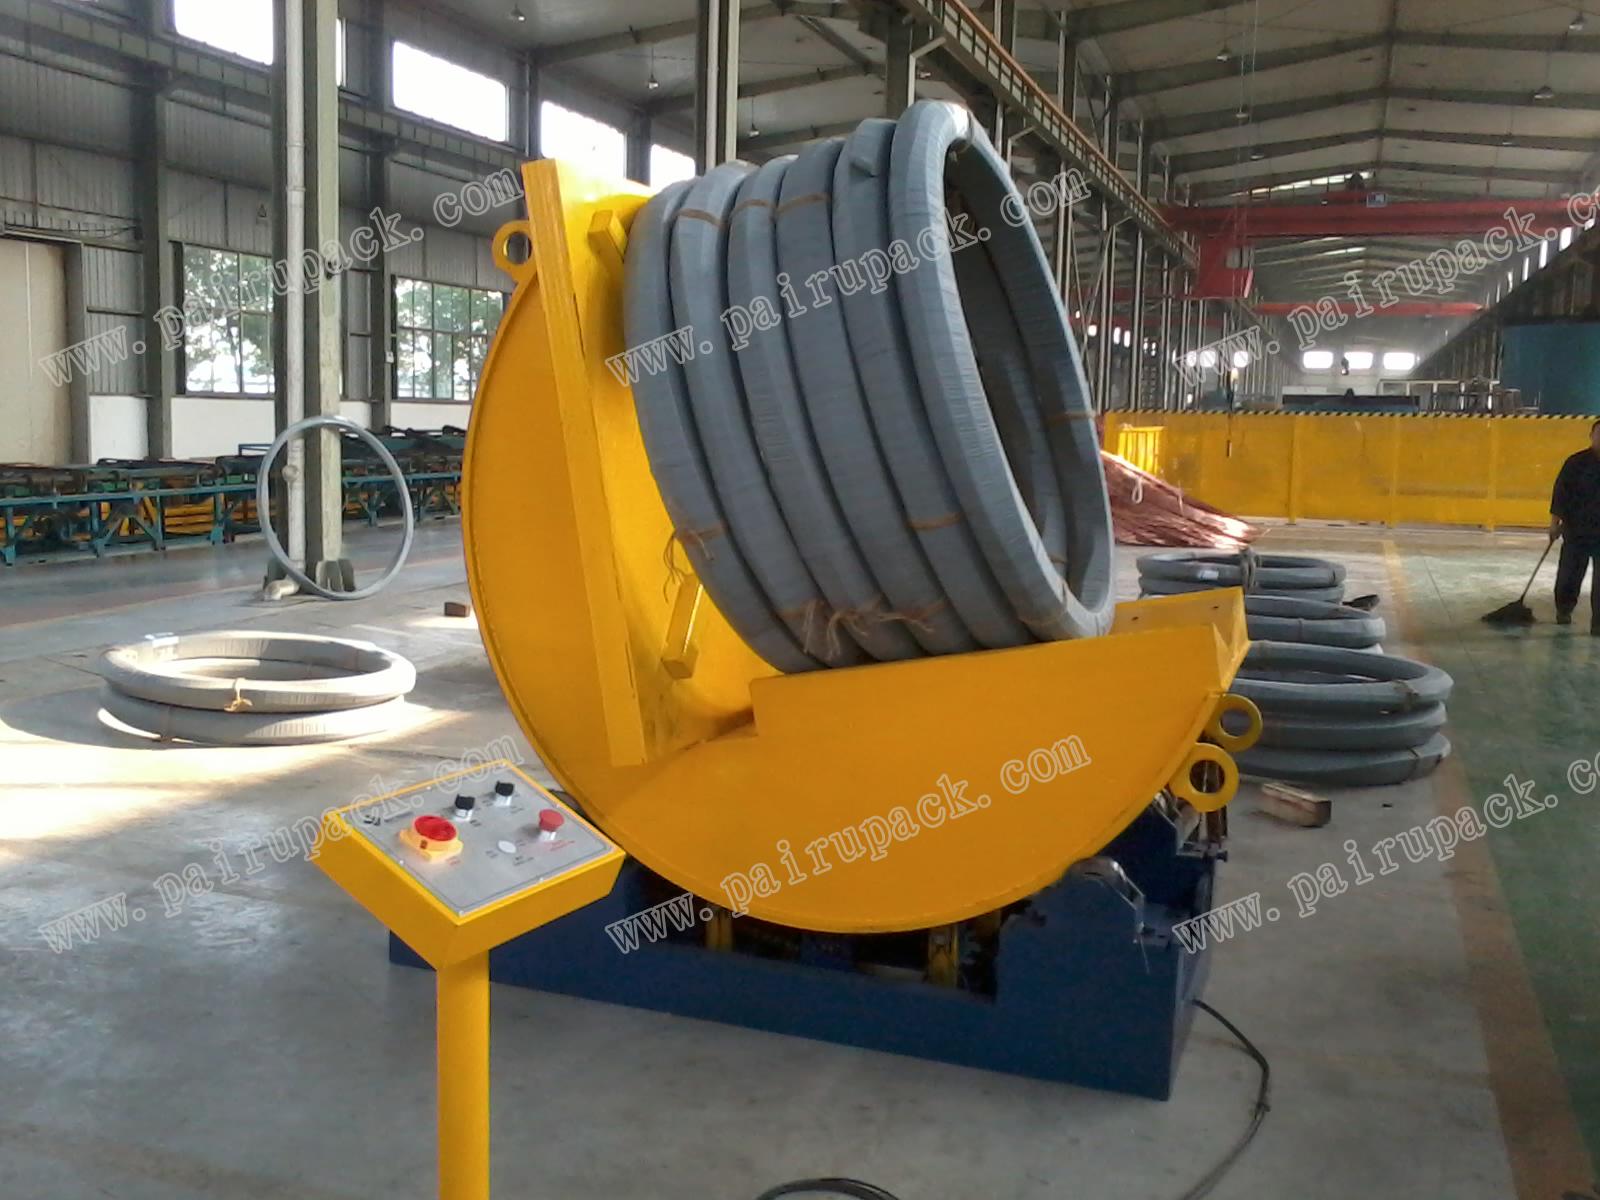 厂家直销自动90度卷材翻转机 翻转机型号有哪些 上海自动90度卷材翻转机生产厂家